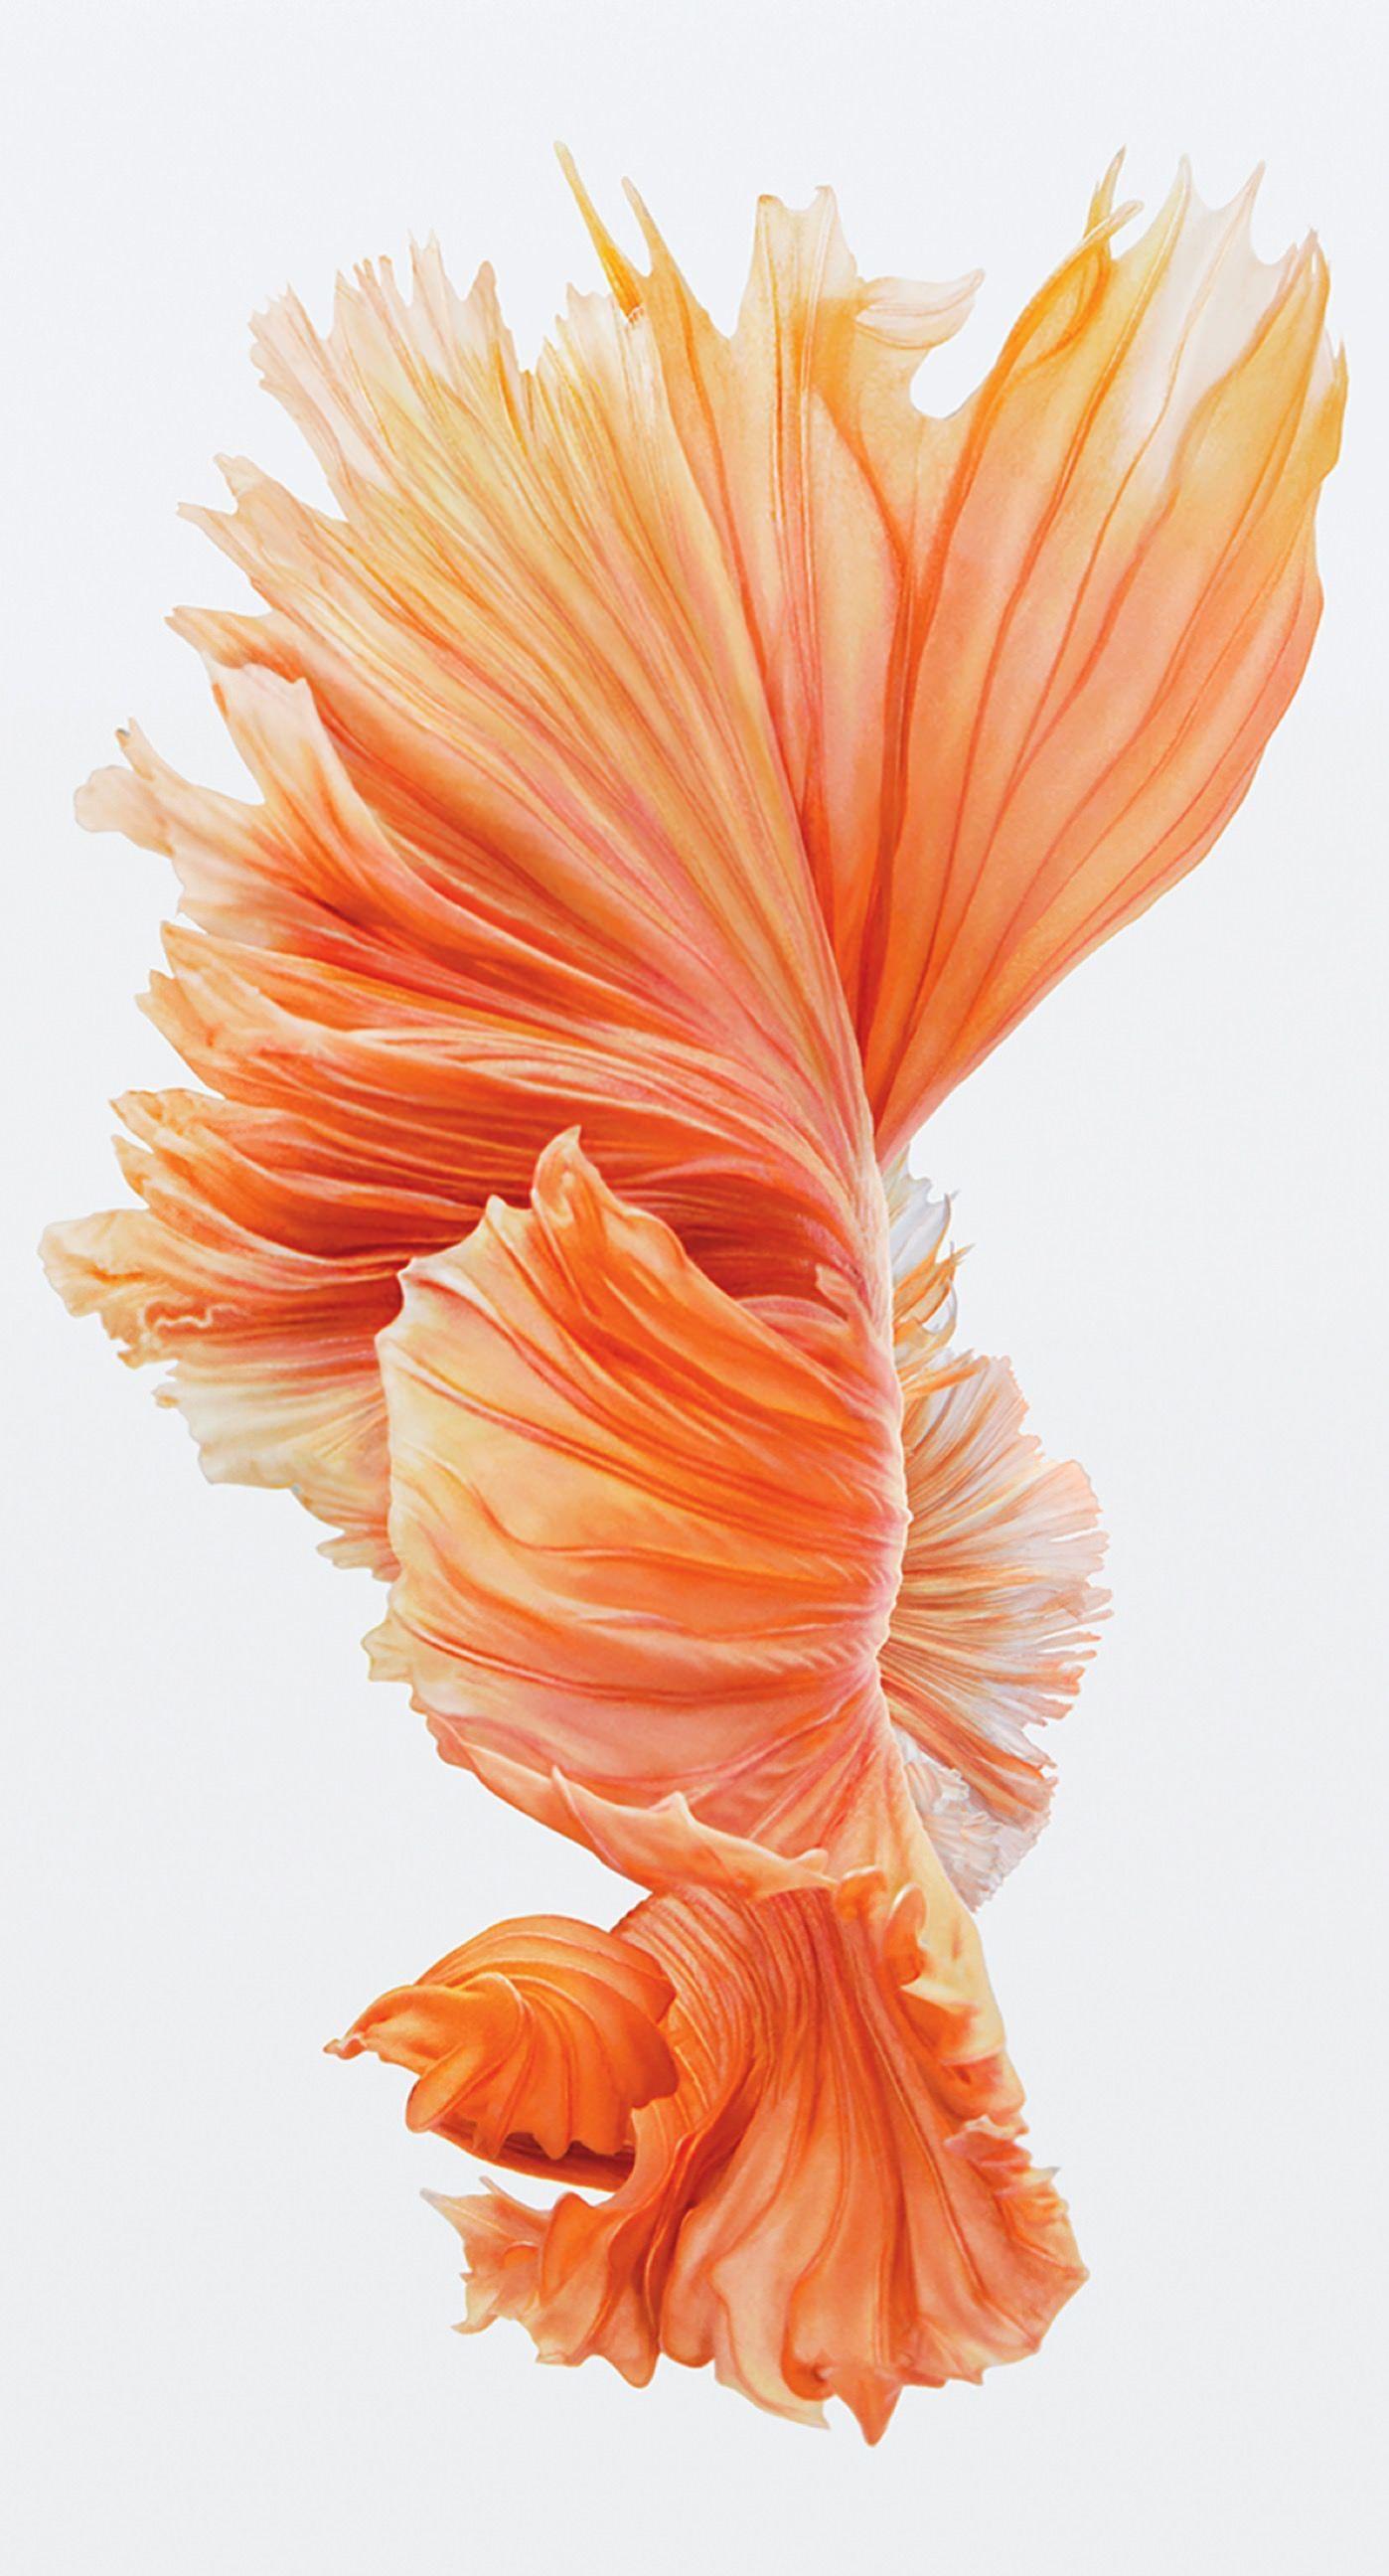 Fish Red Iphone6splus Cool Wallpaper Sc Iphone6splus In 2020 Abstract Iphone Wallpaper Iphone 6s Wallpaper Ios 10 Wallpaper